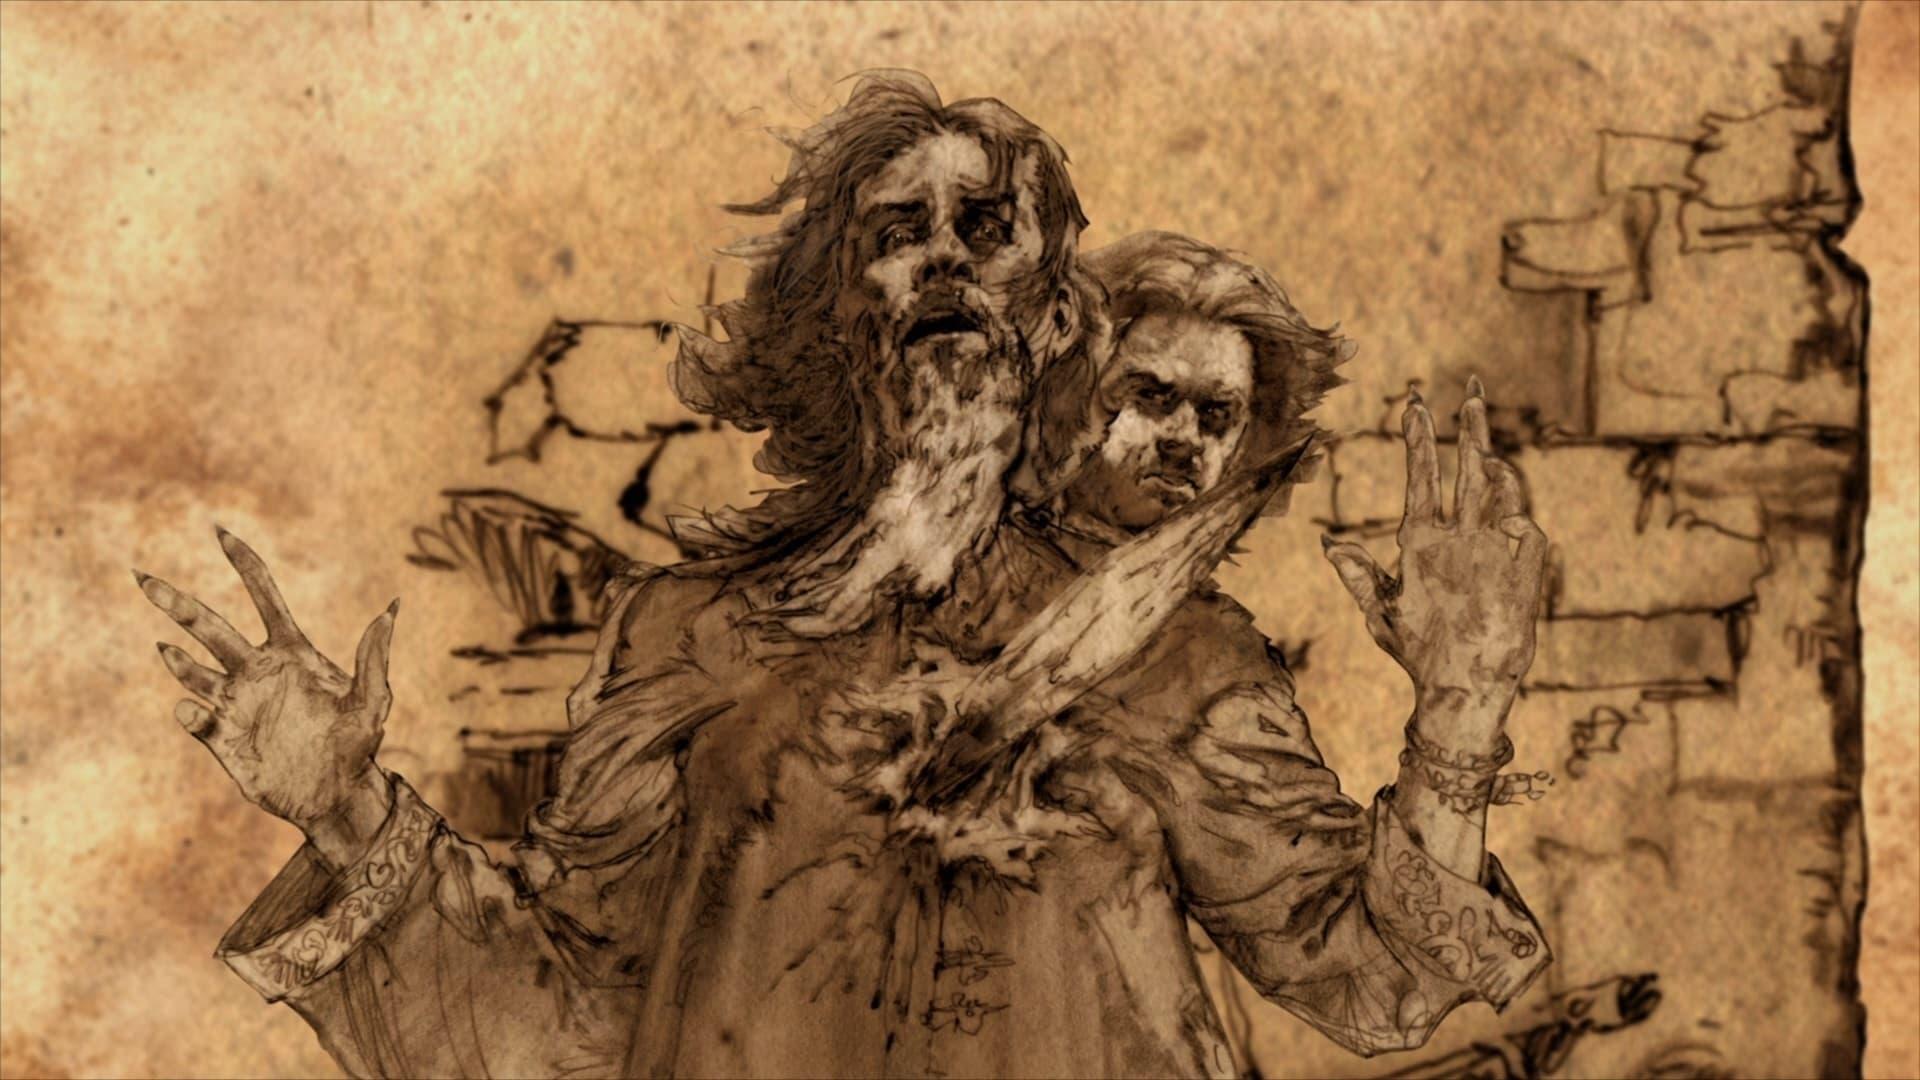 Game of Thrones Season 0 :Episode 71  Histories & Lore: The Sack of King's Landing (Viserys Targaryen)